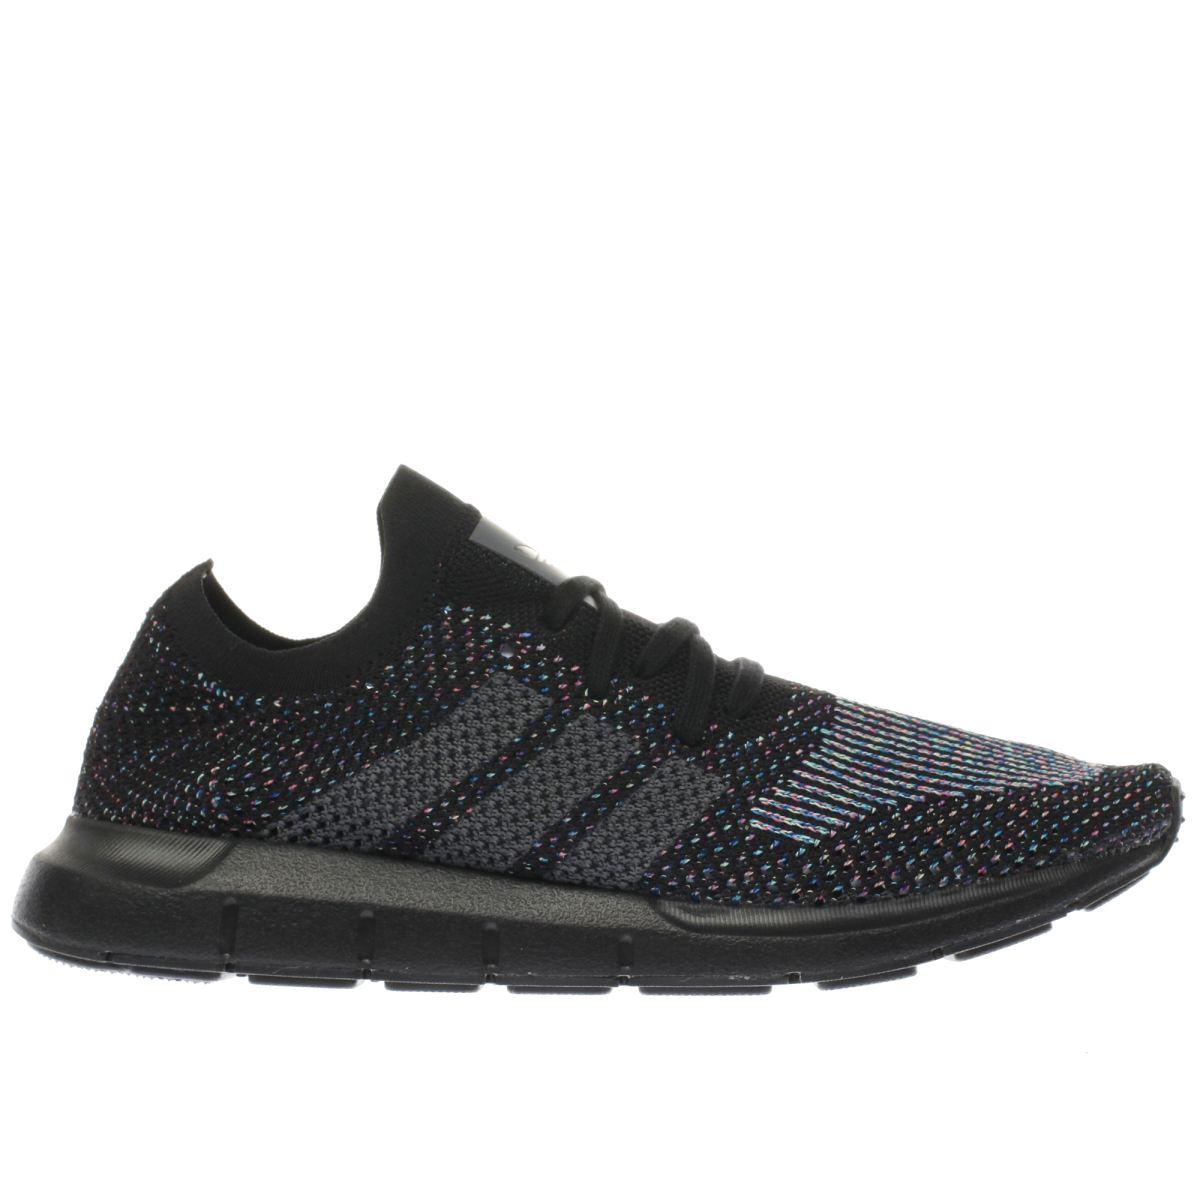 adidas black swift run primeknit trainers